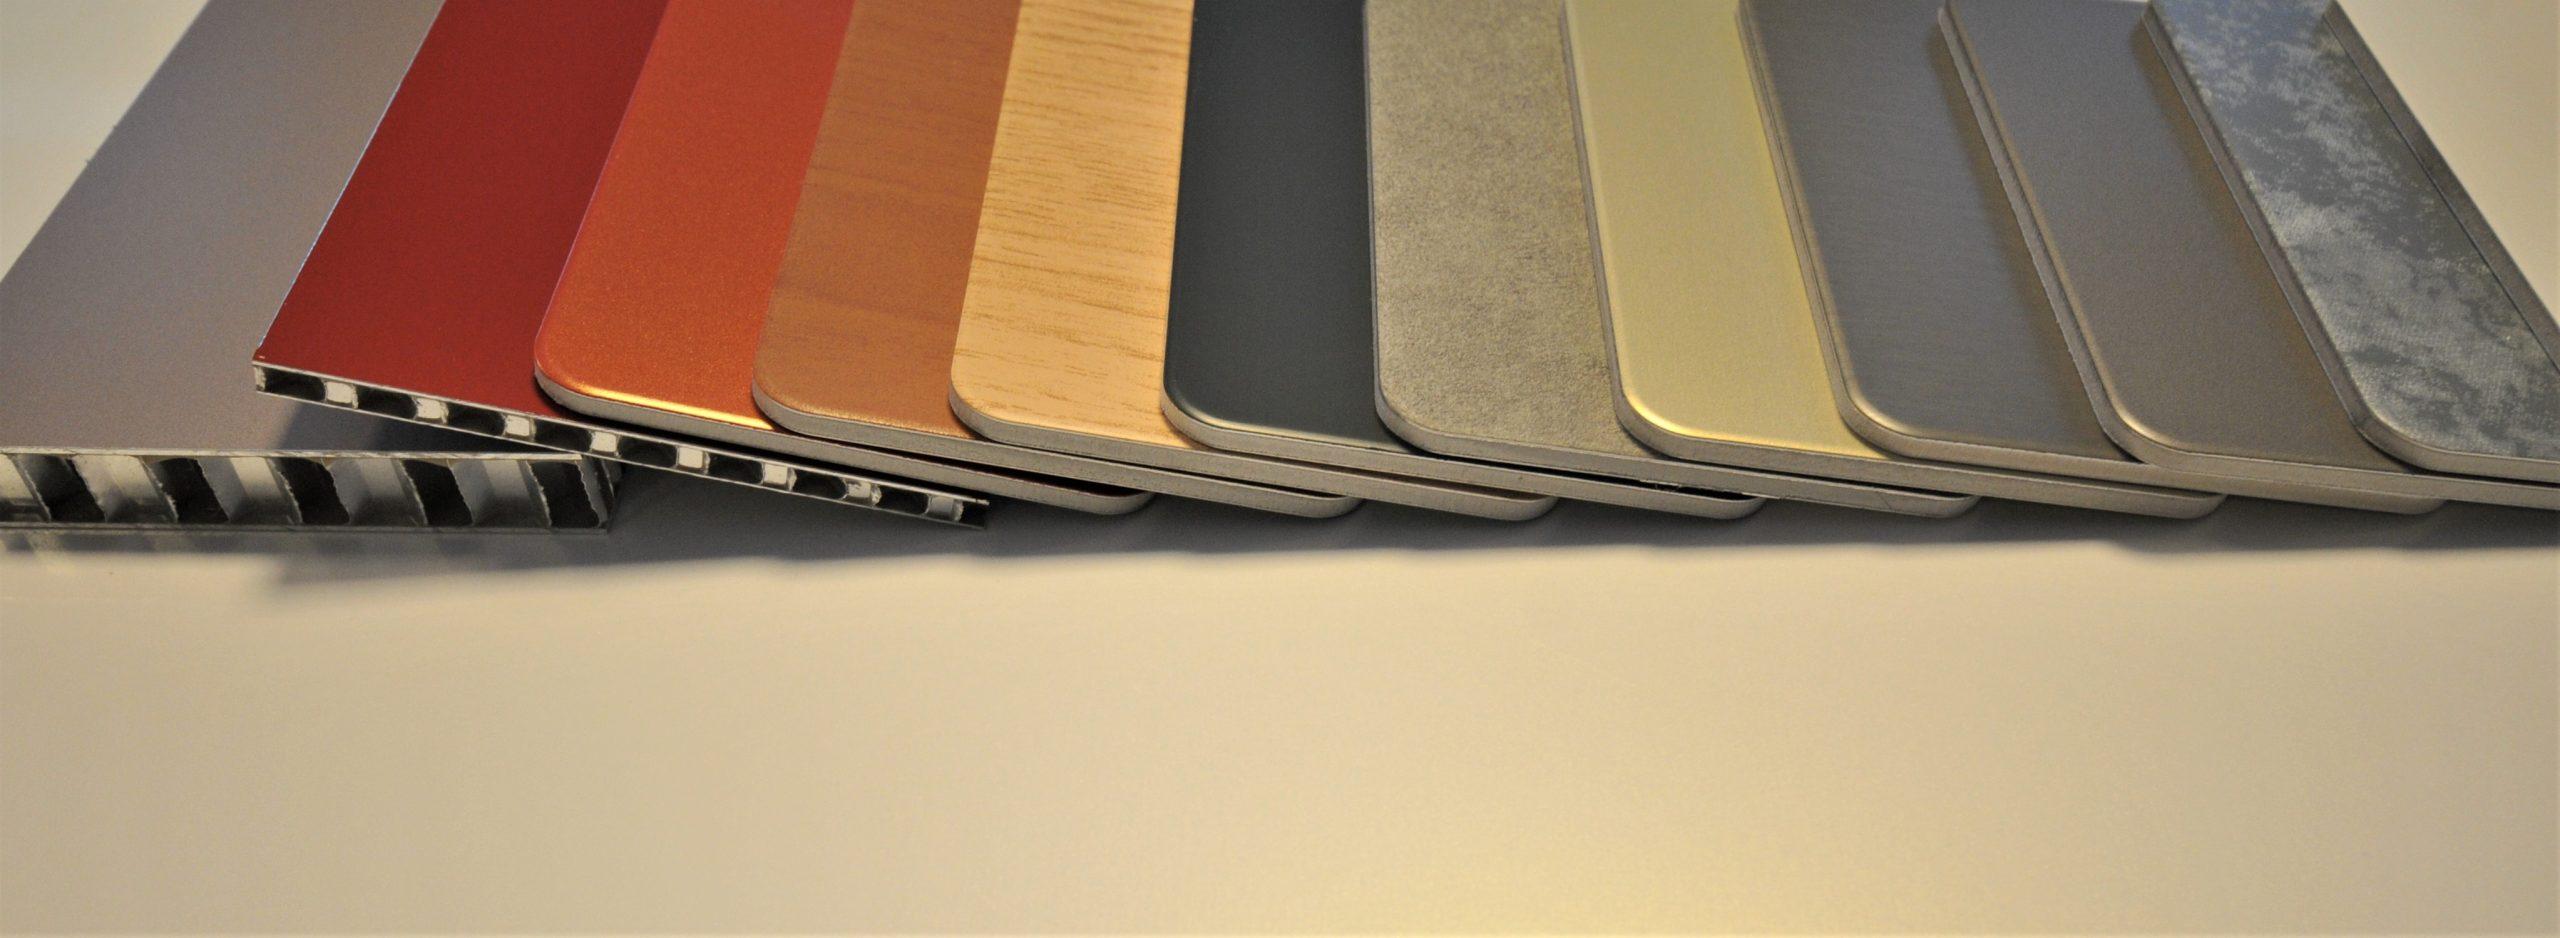 composiet-aluminium-honingraat-kleuren